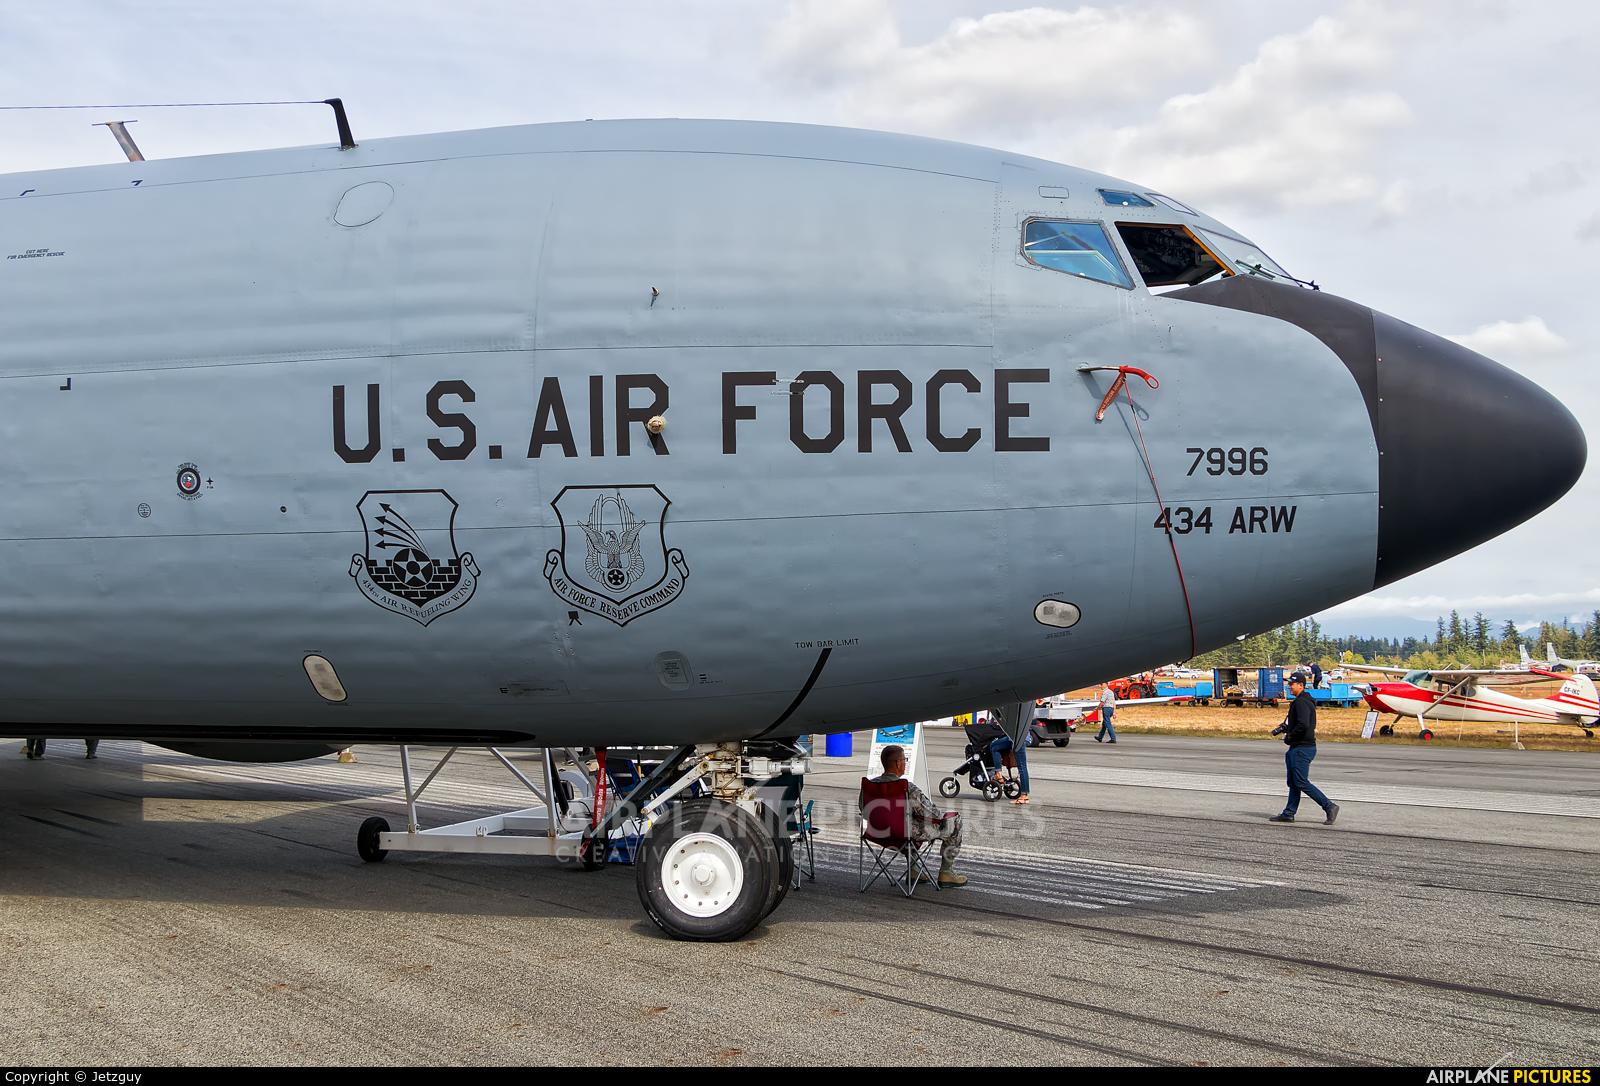 USA - Air Force 63-7996 aircraft at Abbotsford, BC